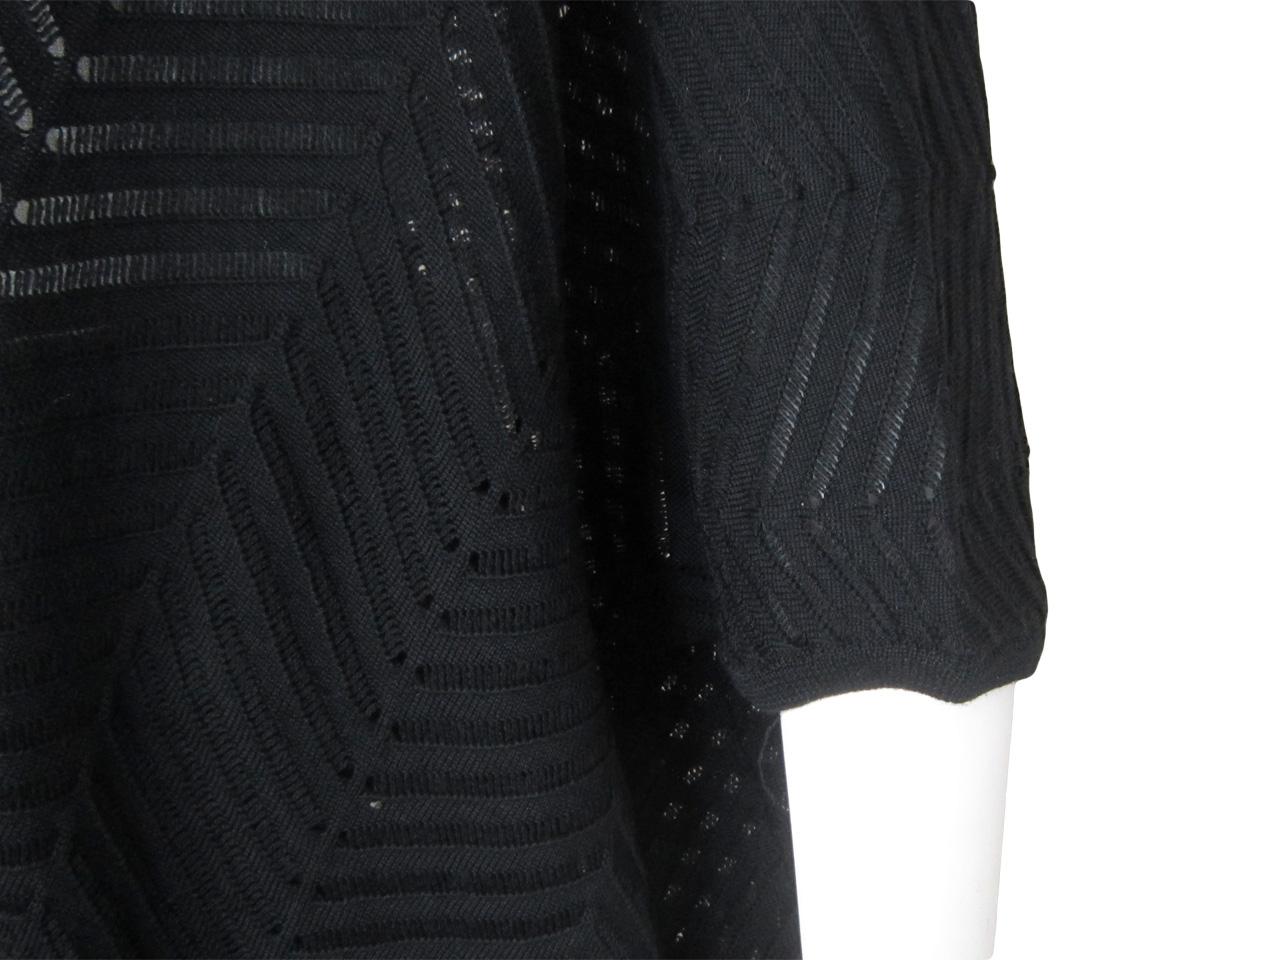 Kimono Jacket with Work 46 - Sleeve